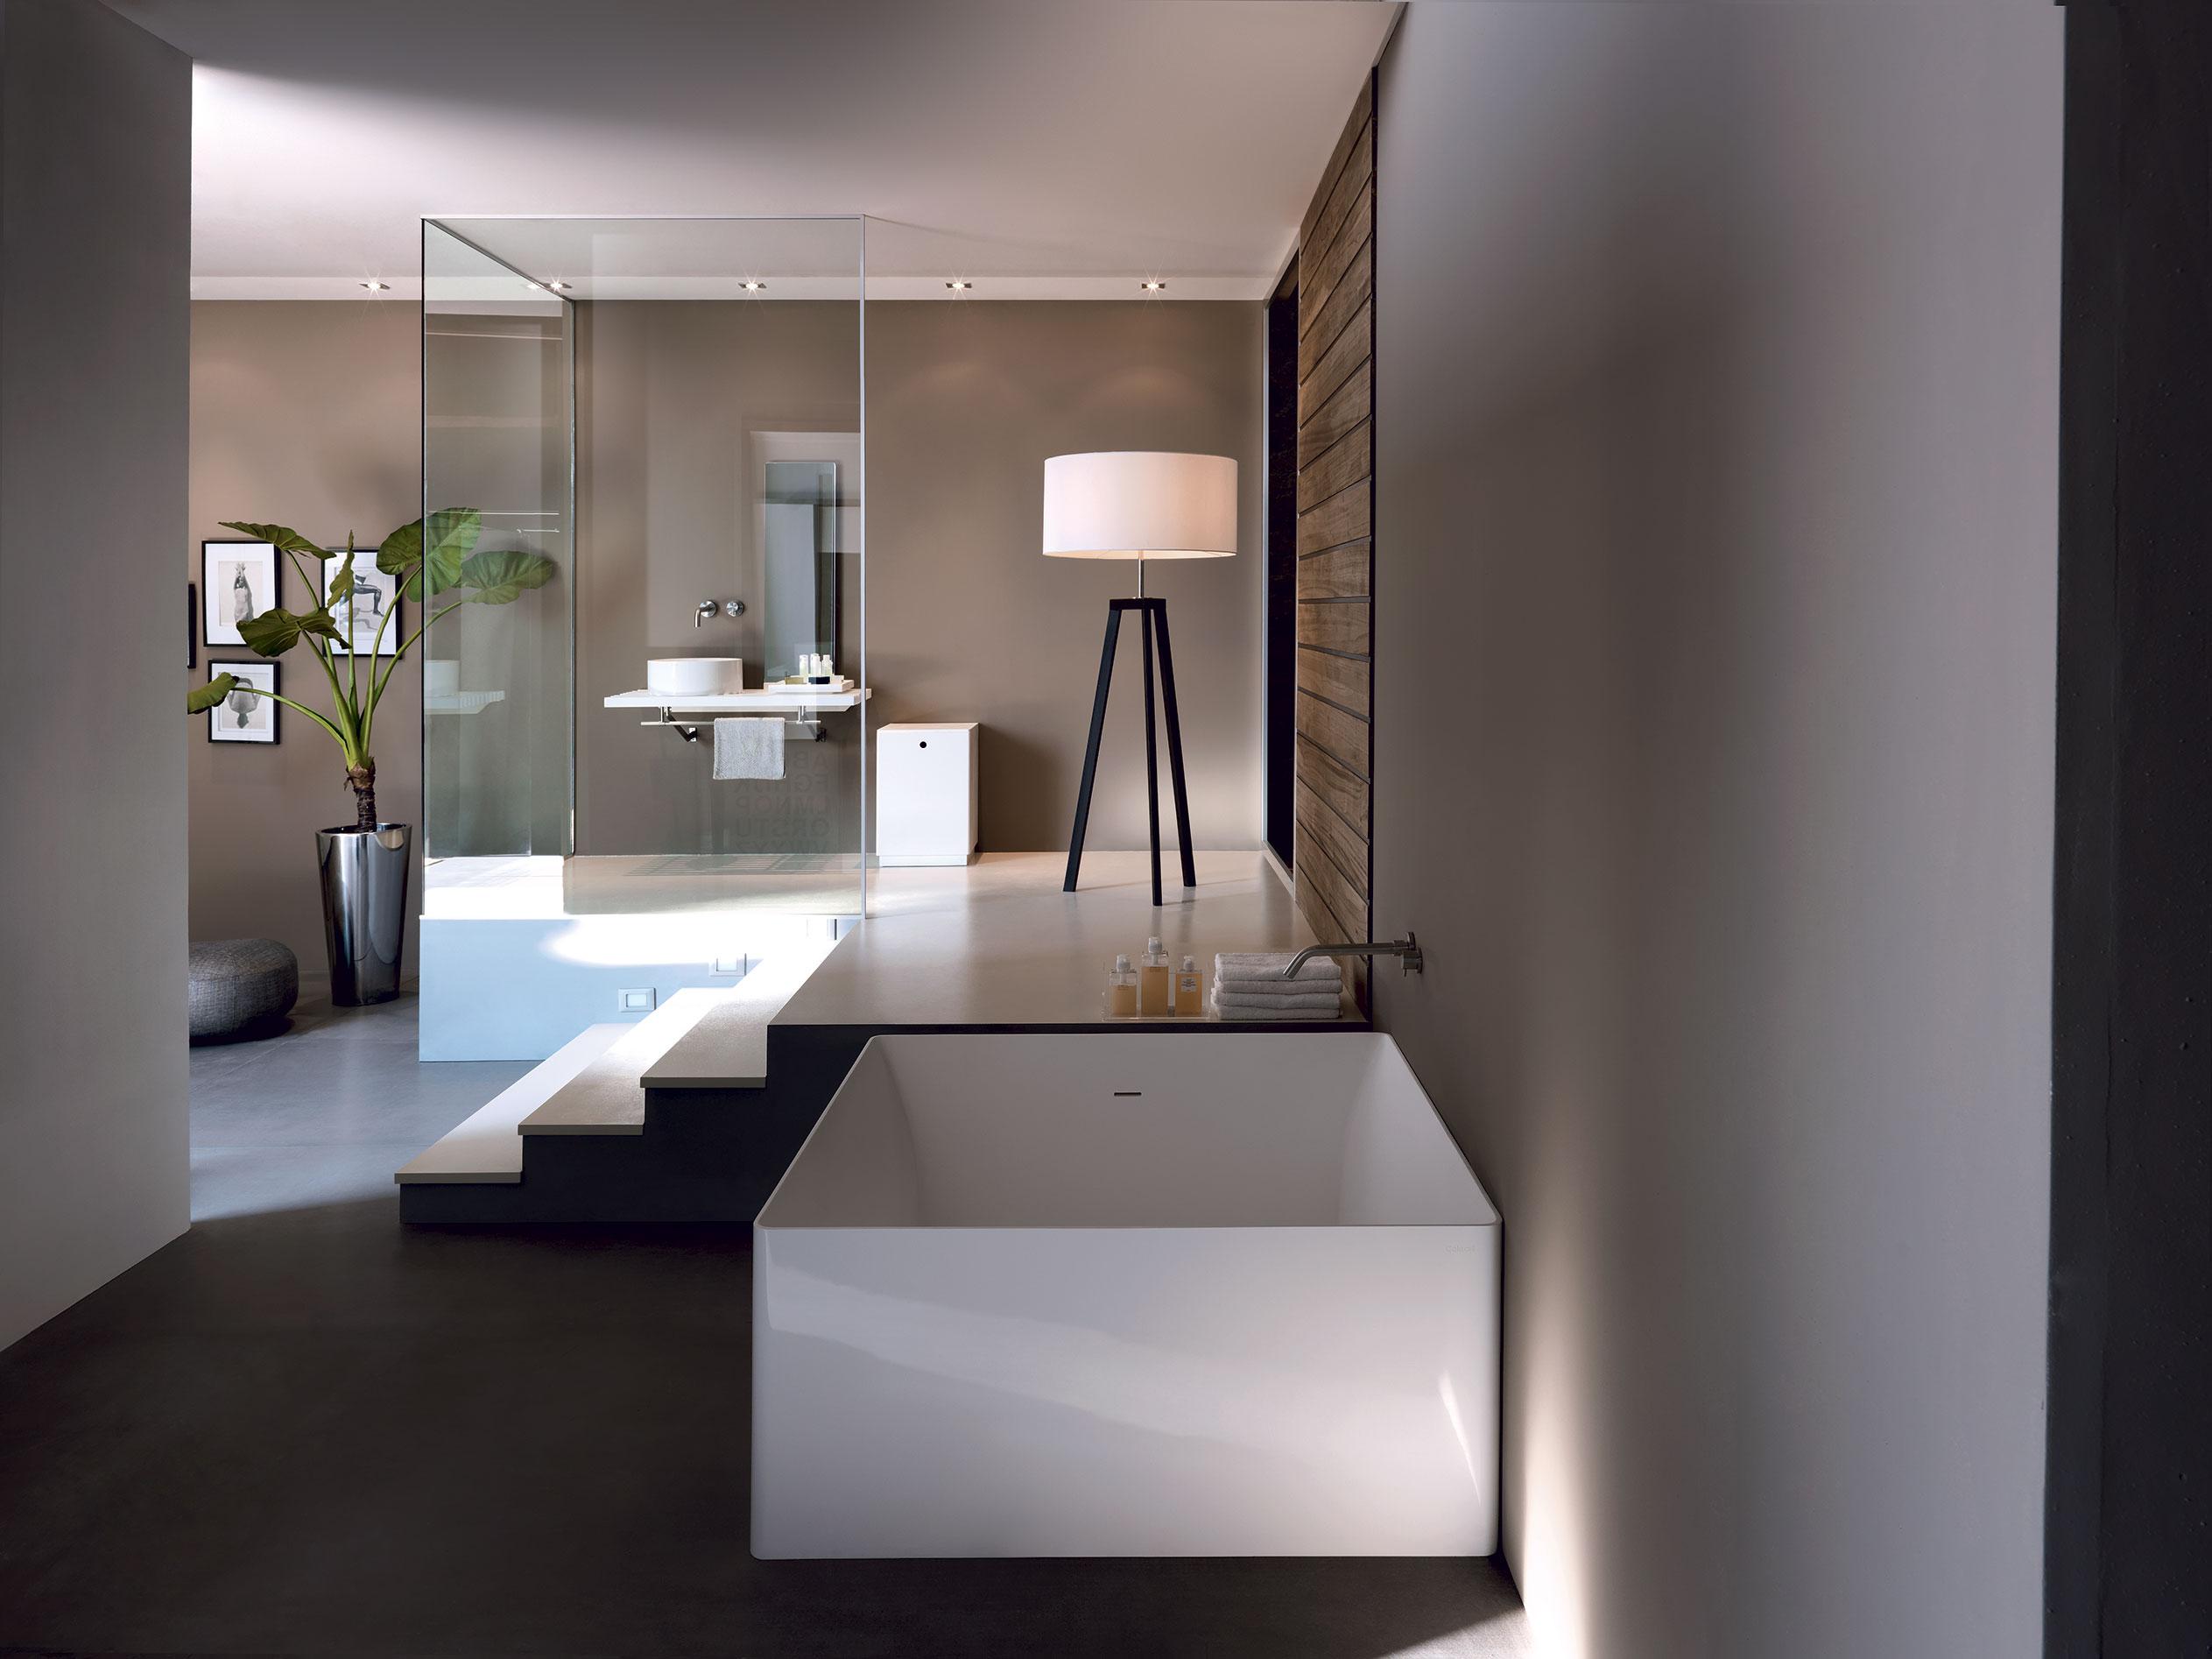 Vasca Da Bagno Kerasan : Bath tub vasche da bagno per arredare con stile